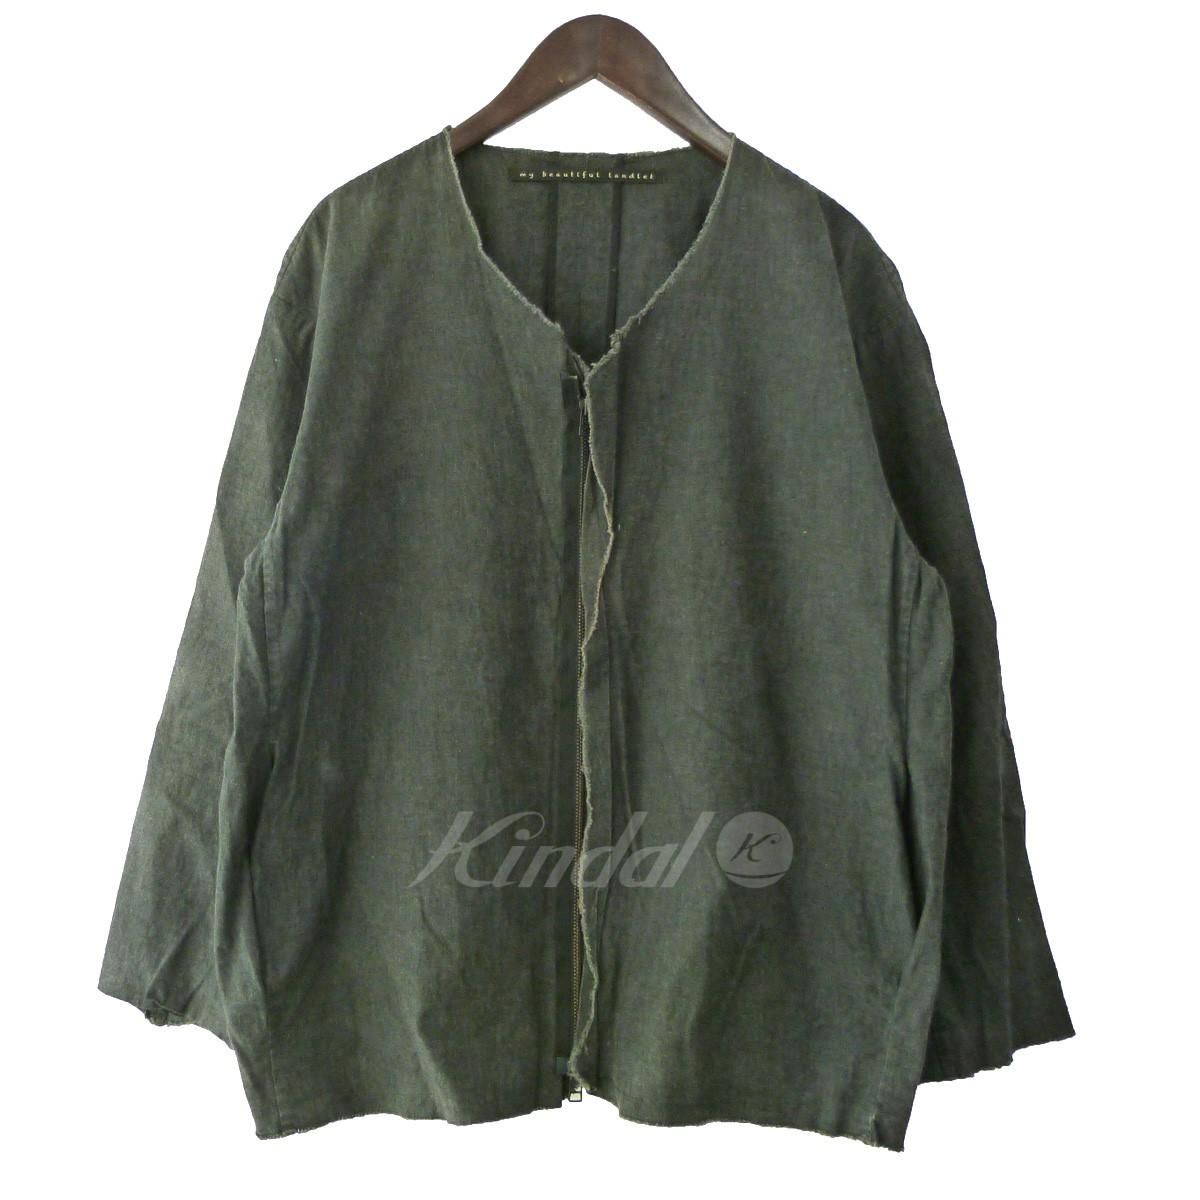 【中古】my beautiful landlet デニムシャツジャケット ブラック サイズ:1 【送料無料】 【090419】(マイビューティフルランドレット)